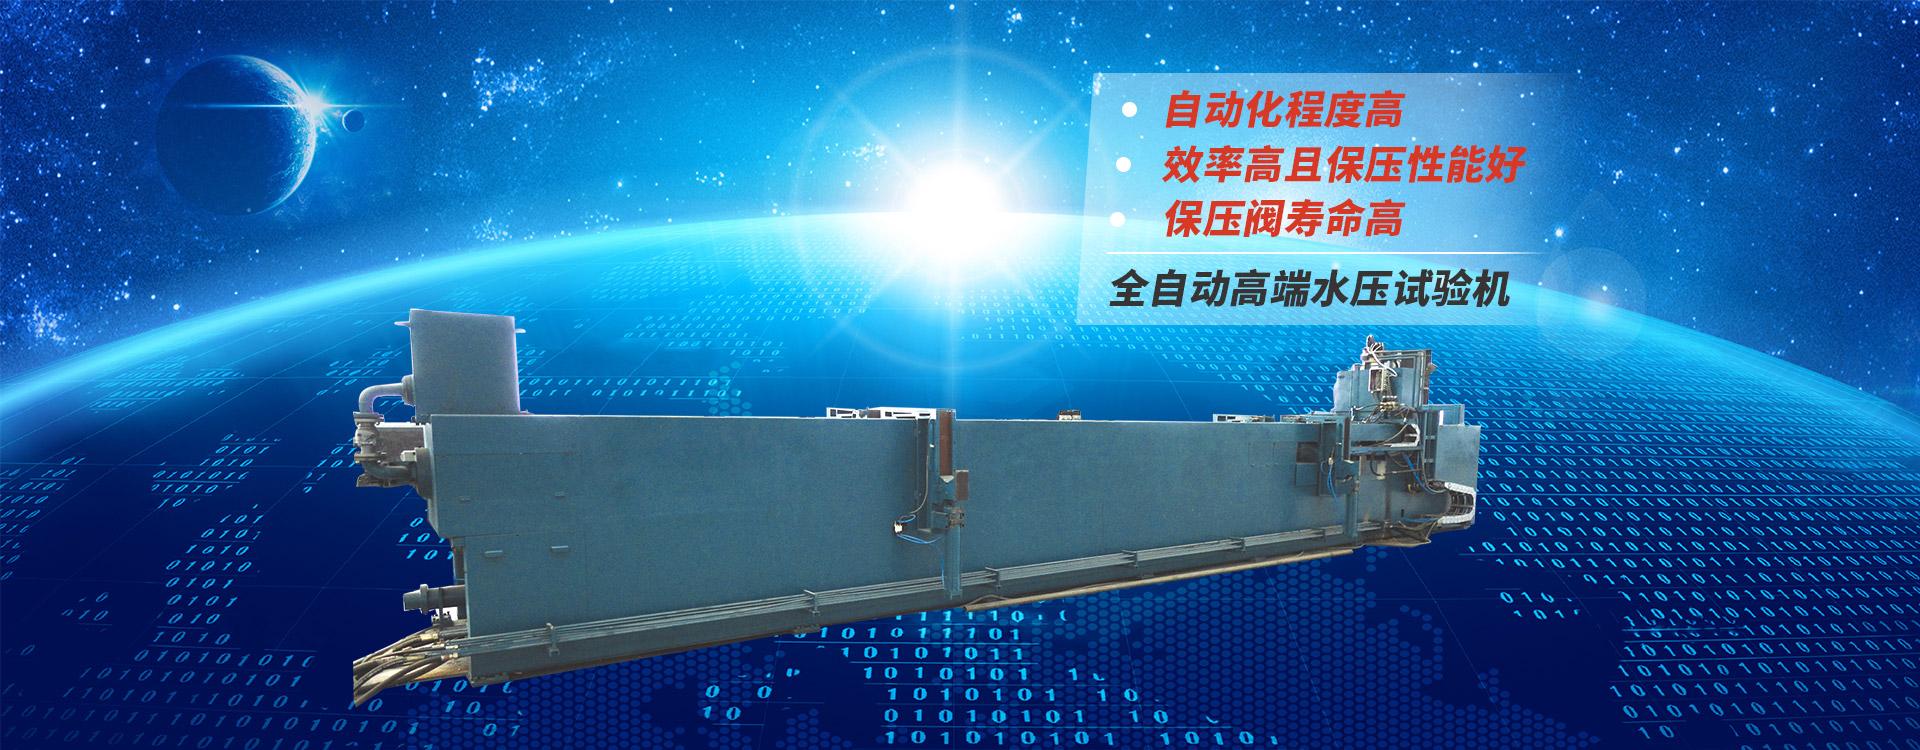 钢管水压机